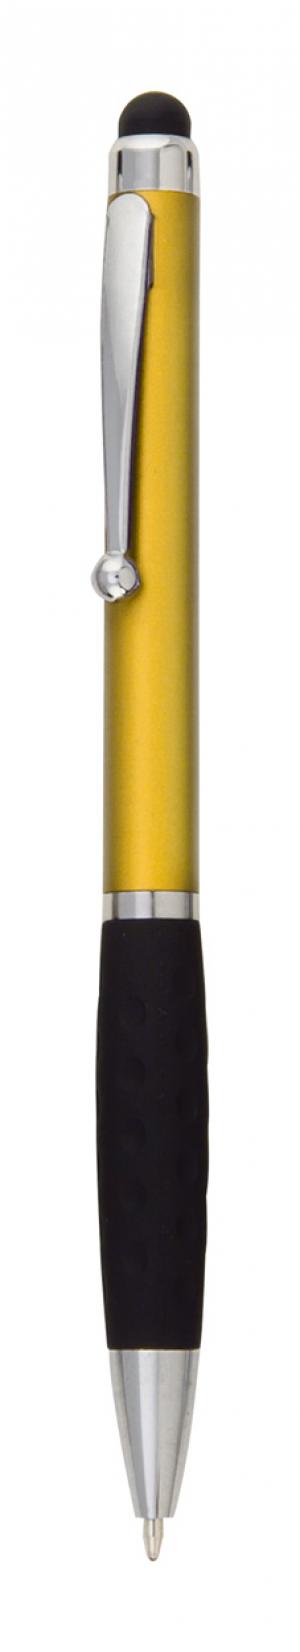 Verslo dovanos Sagur (touch ballpoint pen)